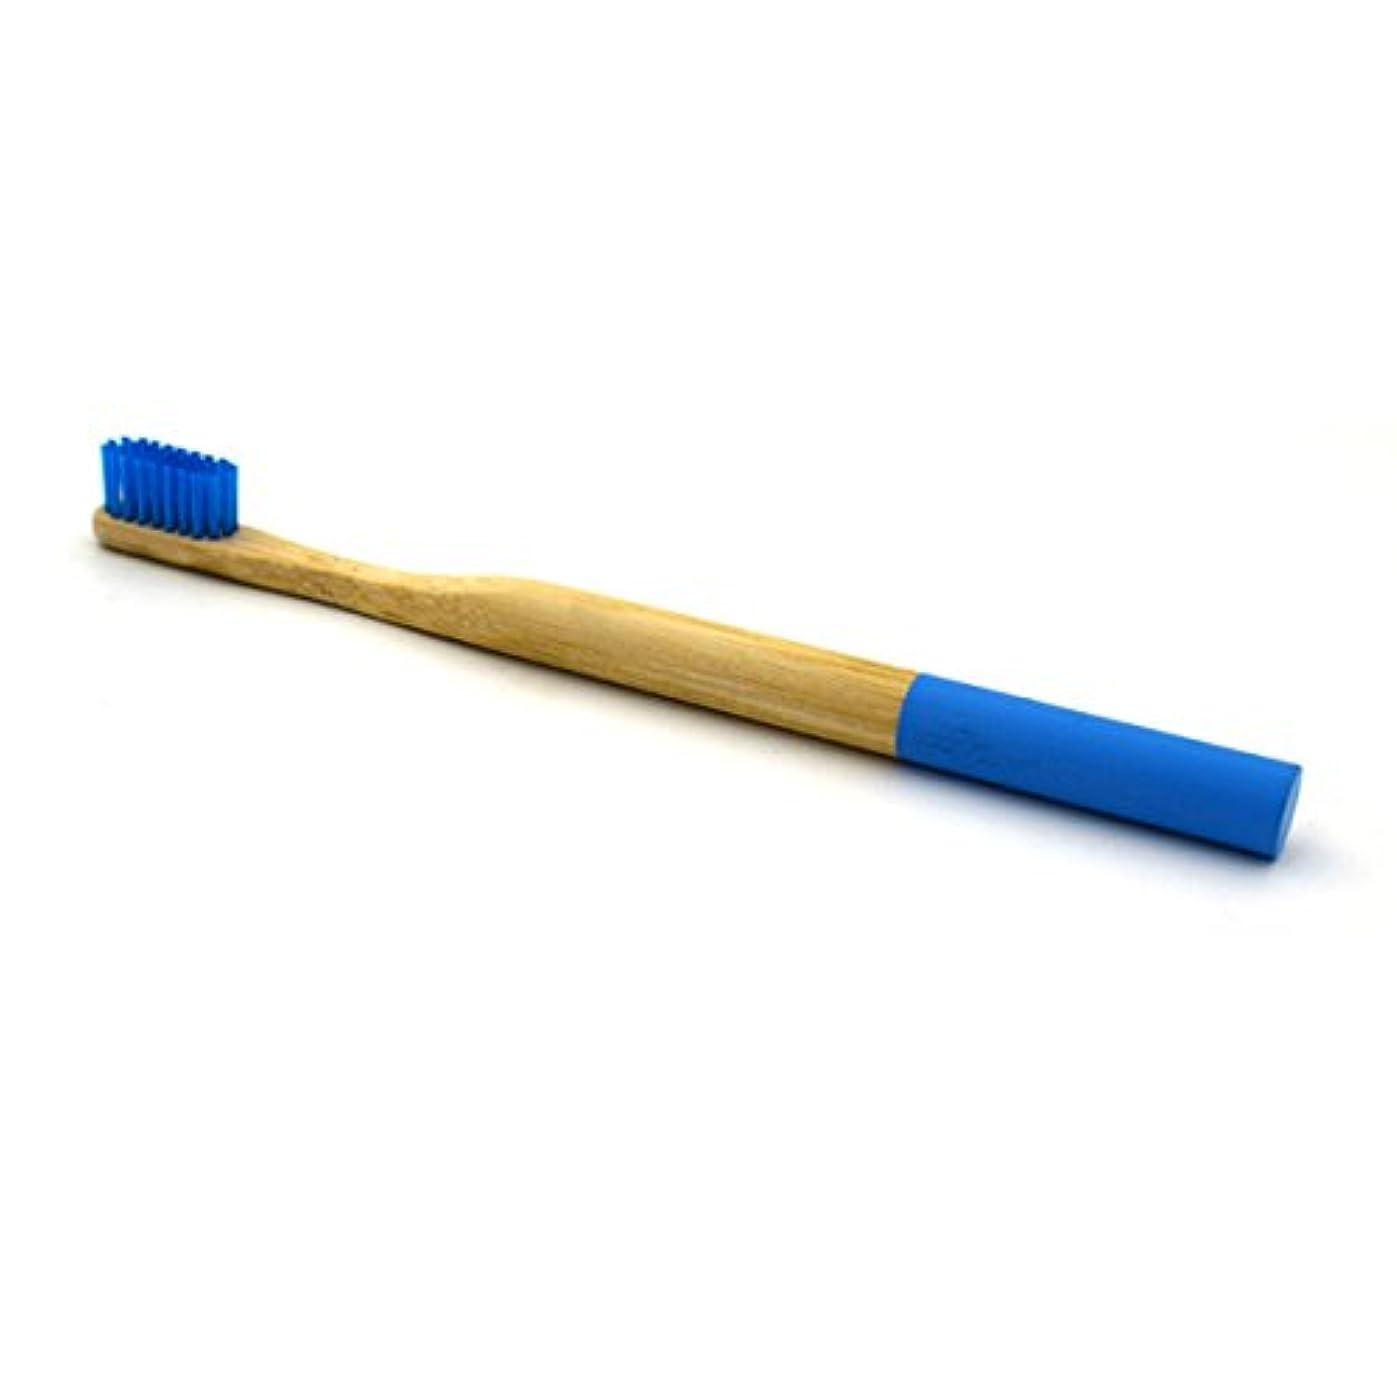 予防接種タイトル副SUPVOX タケ歯ブラシの円形のハンドルの自然なEcoの友好的で柔らかい剛毛旅行歯ブラシ